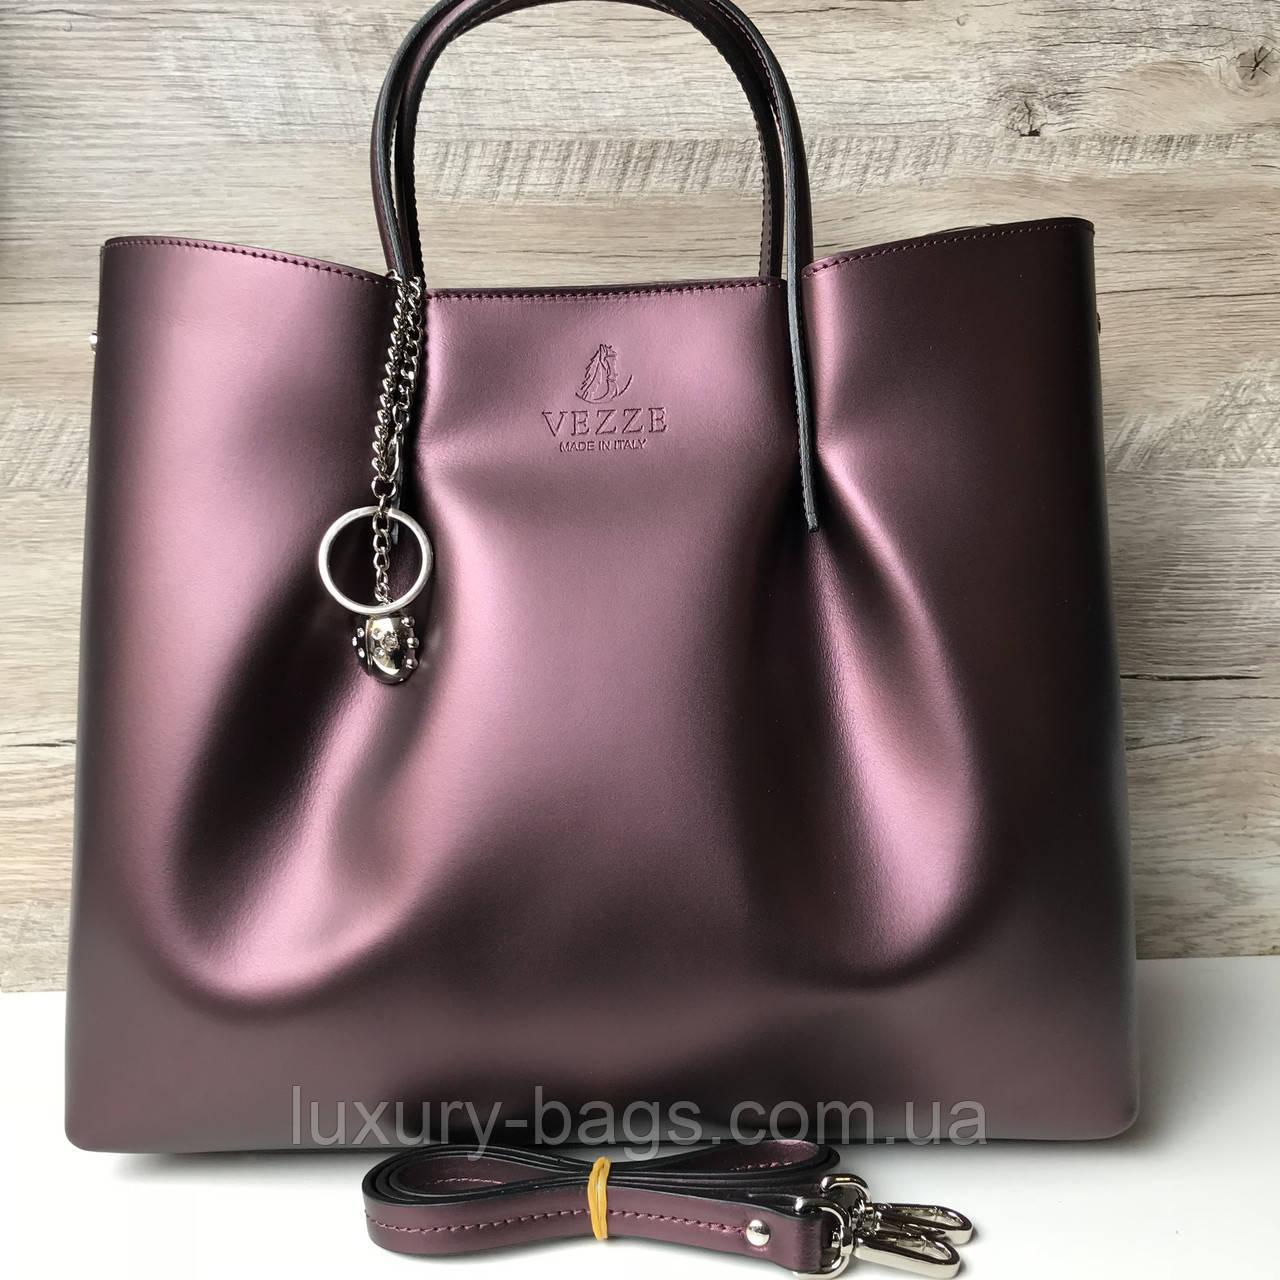 35a8b45ab0eb кожаная итальянская сумка Vezze цена 1 830 грн купить в одессе